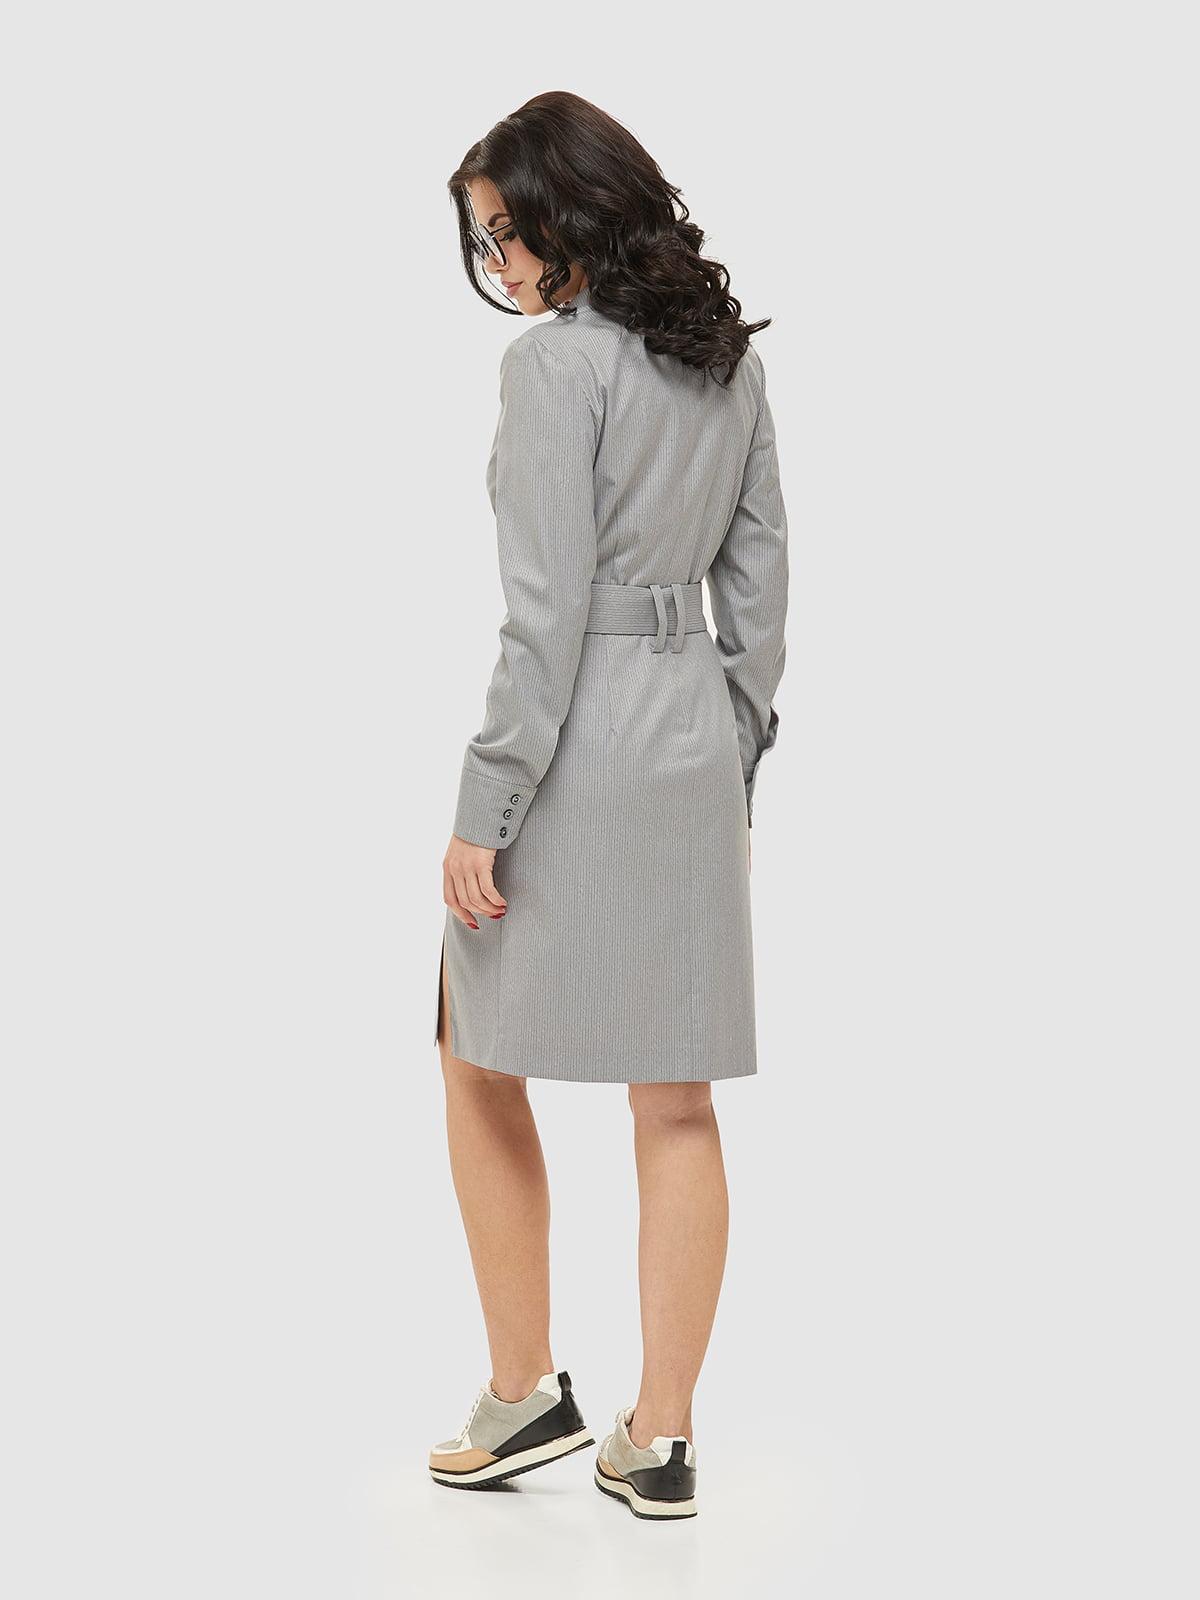 Сукня сіра  | 5075482 | фото 2